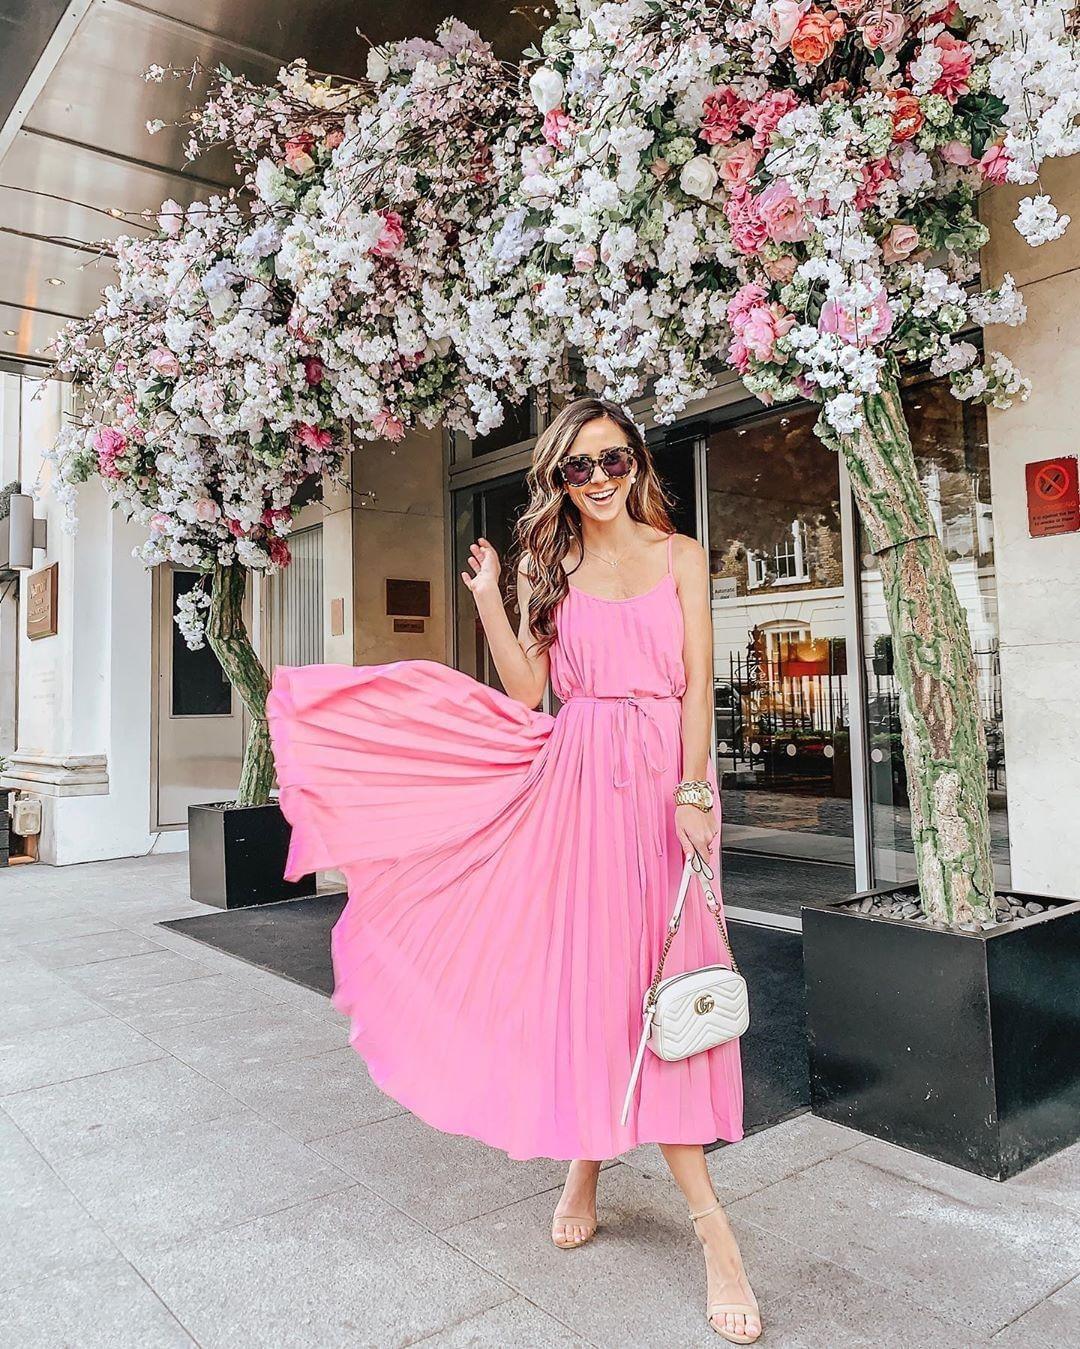 розовое платье фото 11